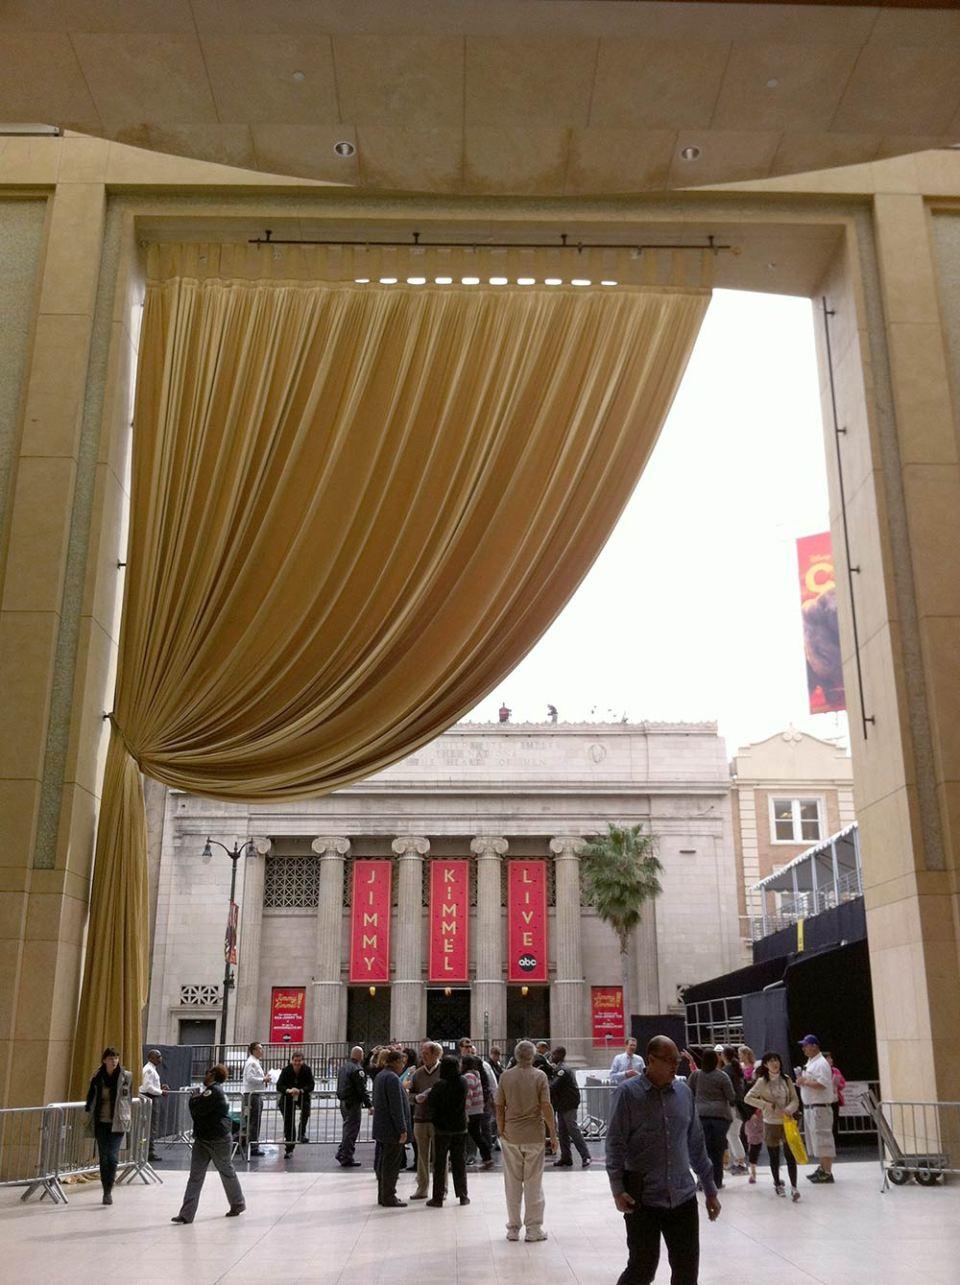 Quem entra no Dolby Theatre e olha pra trás, no dia do Oscar, vê mais ou menos isso (Foto: Thiago Borbolla / JUDAO.com.br)